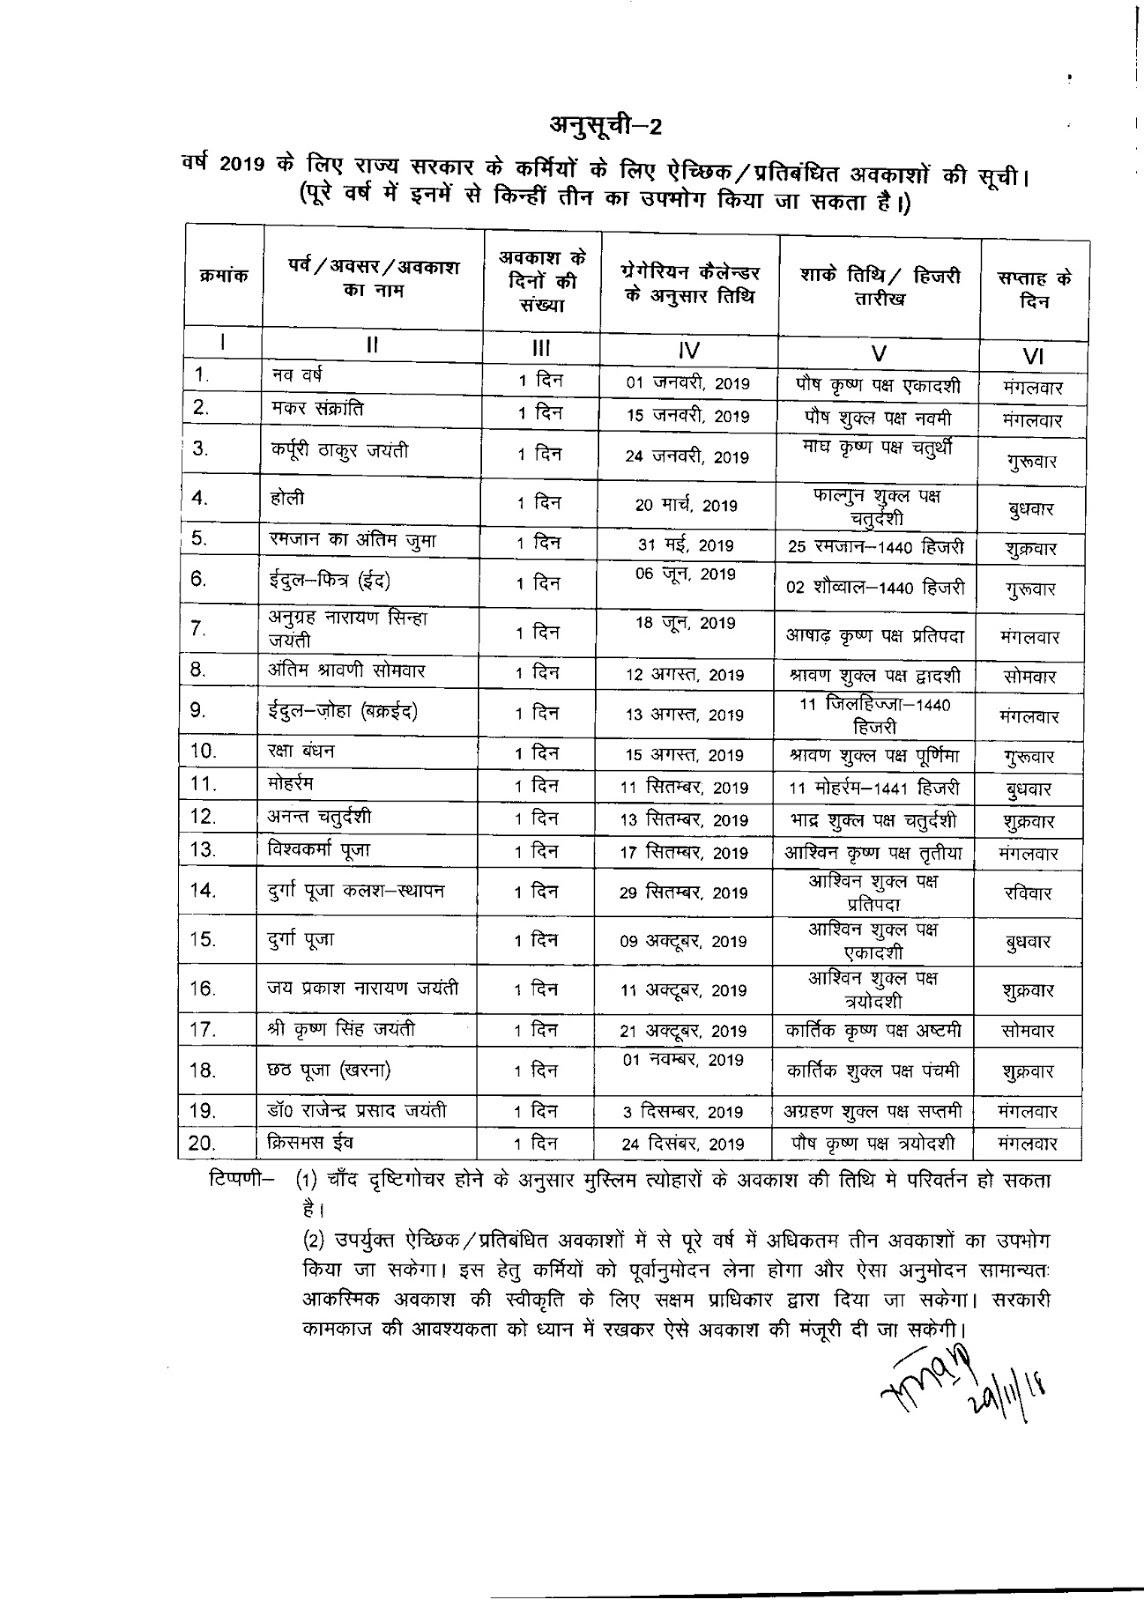 Bihar Government Calendar 2019 #educratsweb in Bihar Sarkar Calendar 2020 Pdf